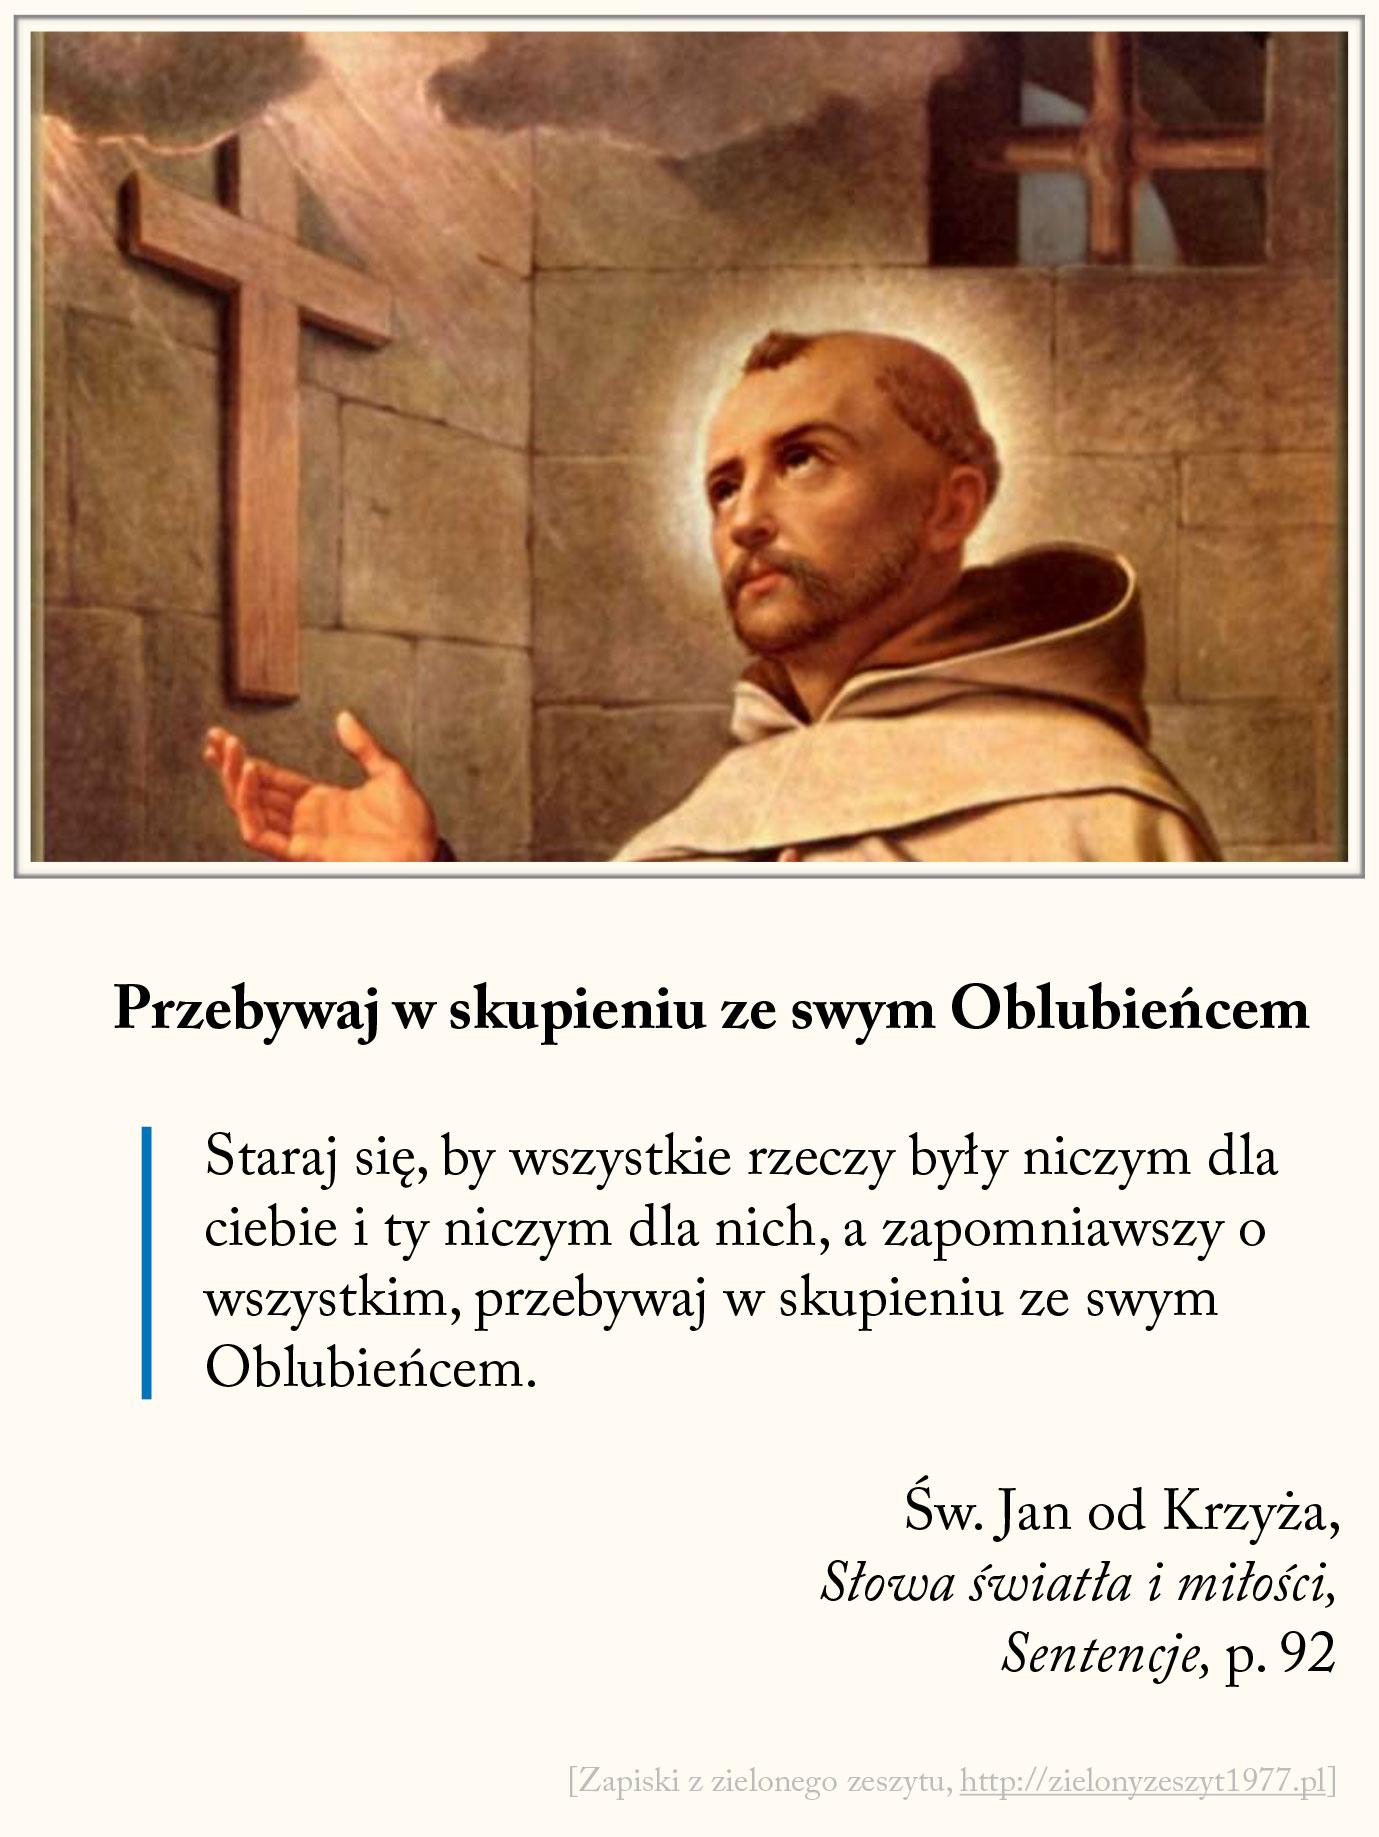 Przebywaj w skupieniu ze swym Oblubieńcem, Św. Jan od Krzyża